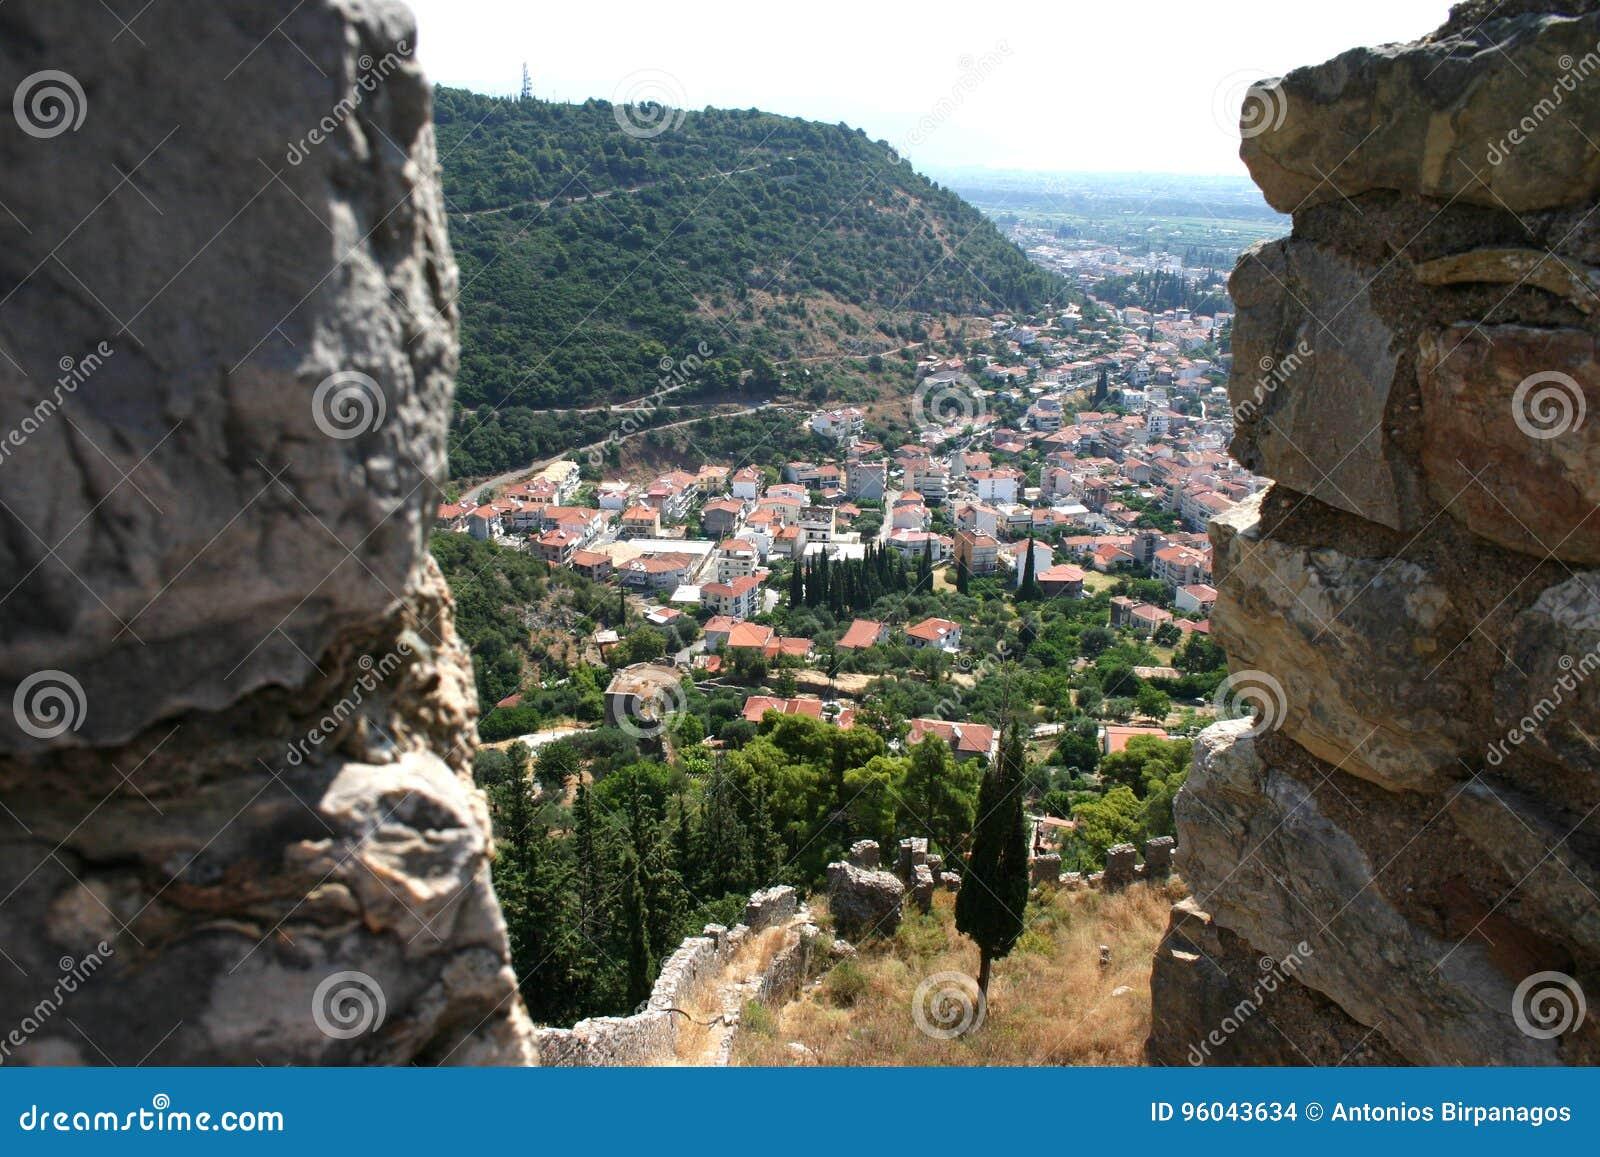 Άποψη μέσω μιας θέσης μάχης μαχητών σε ένα μεσαιωνικό φρούριο 2